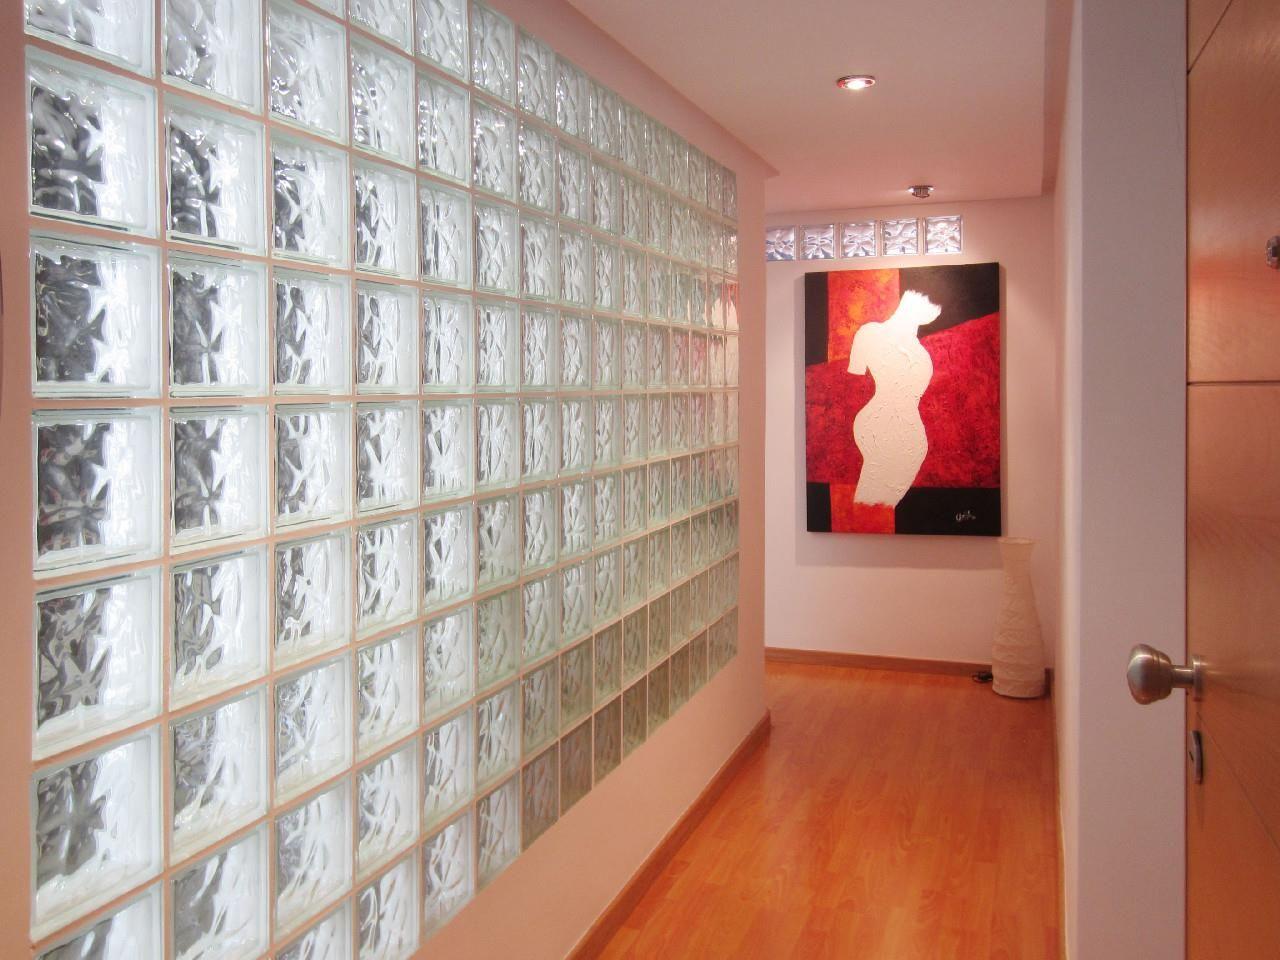 Decorar con paredes de cristal de pav s ladrillo de - Cristales para paredes ...